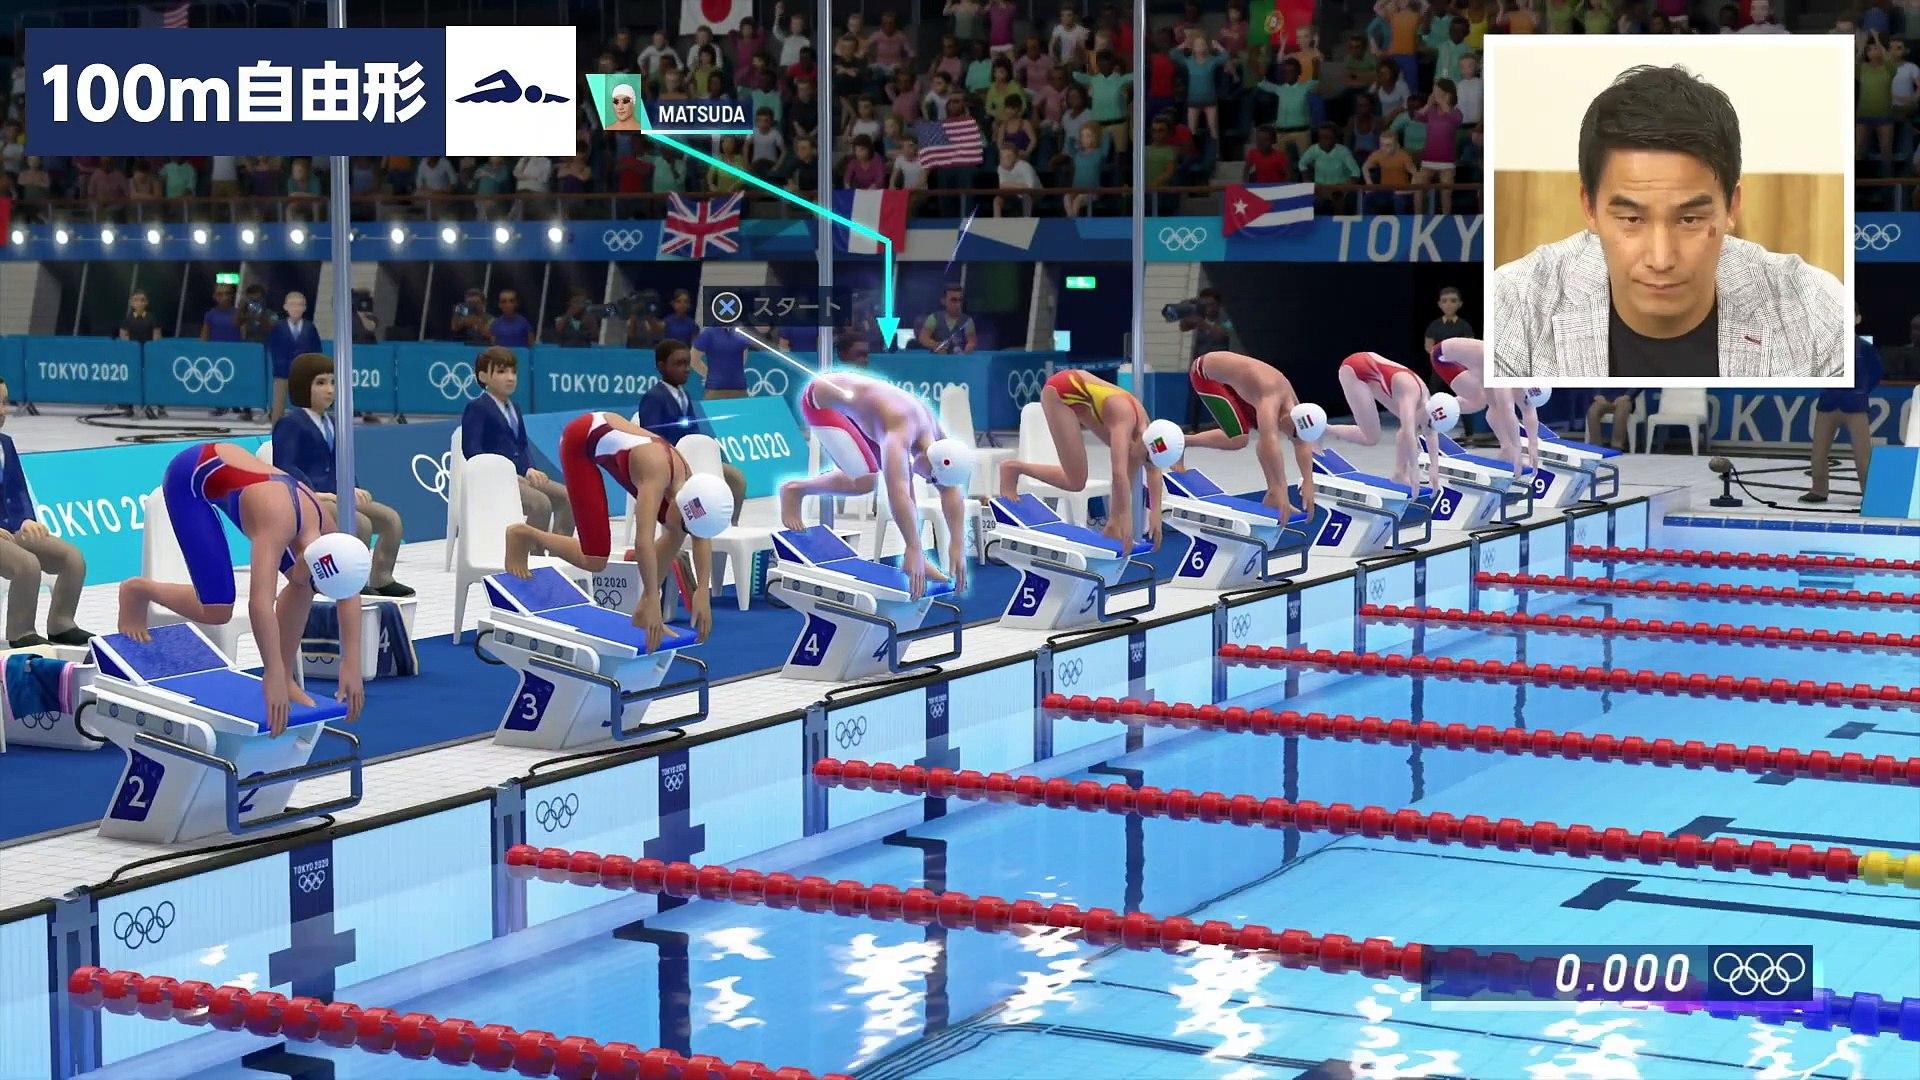 Tokyo 2020 Olympics: The Official Video Game - Natación